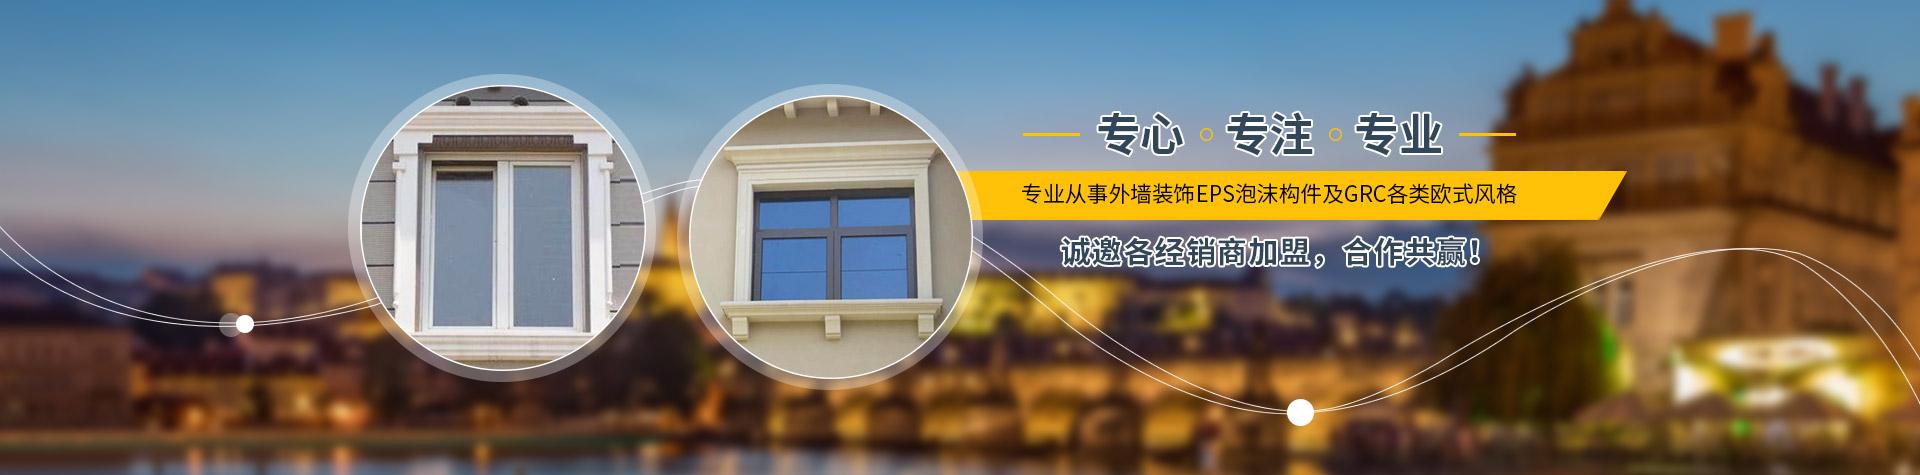 上海建筑构件GRC 推荐咨询 苏州利维克装饰材料供应